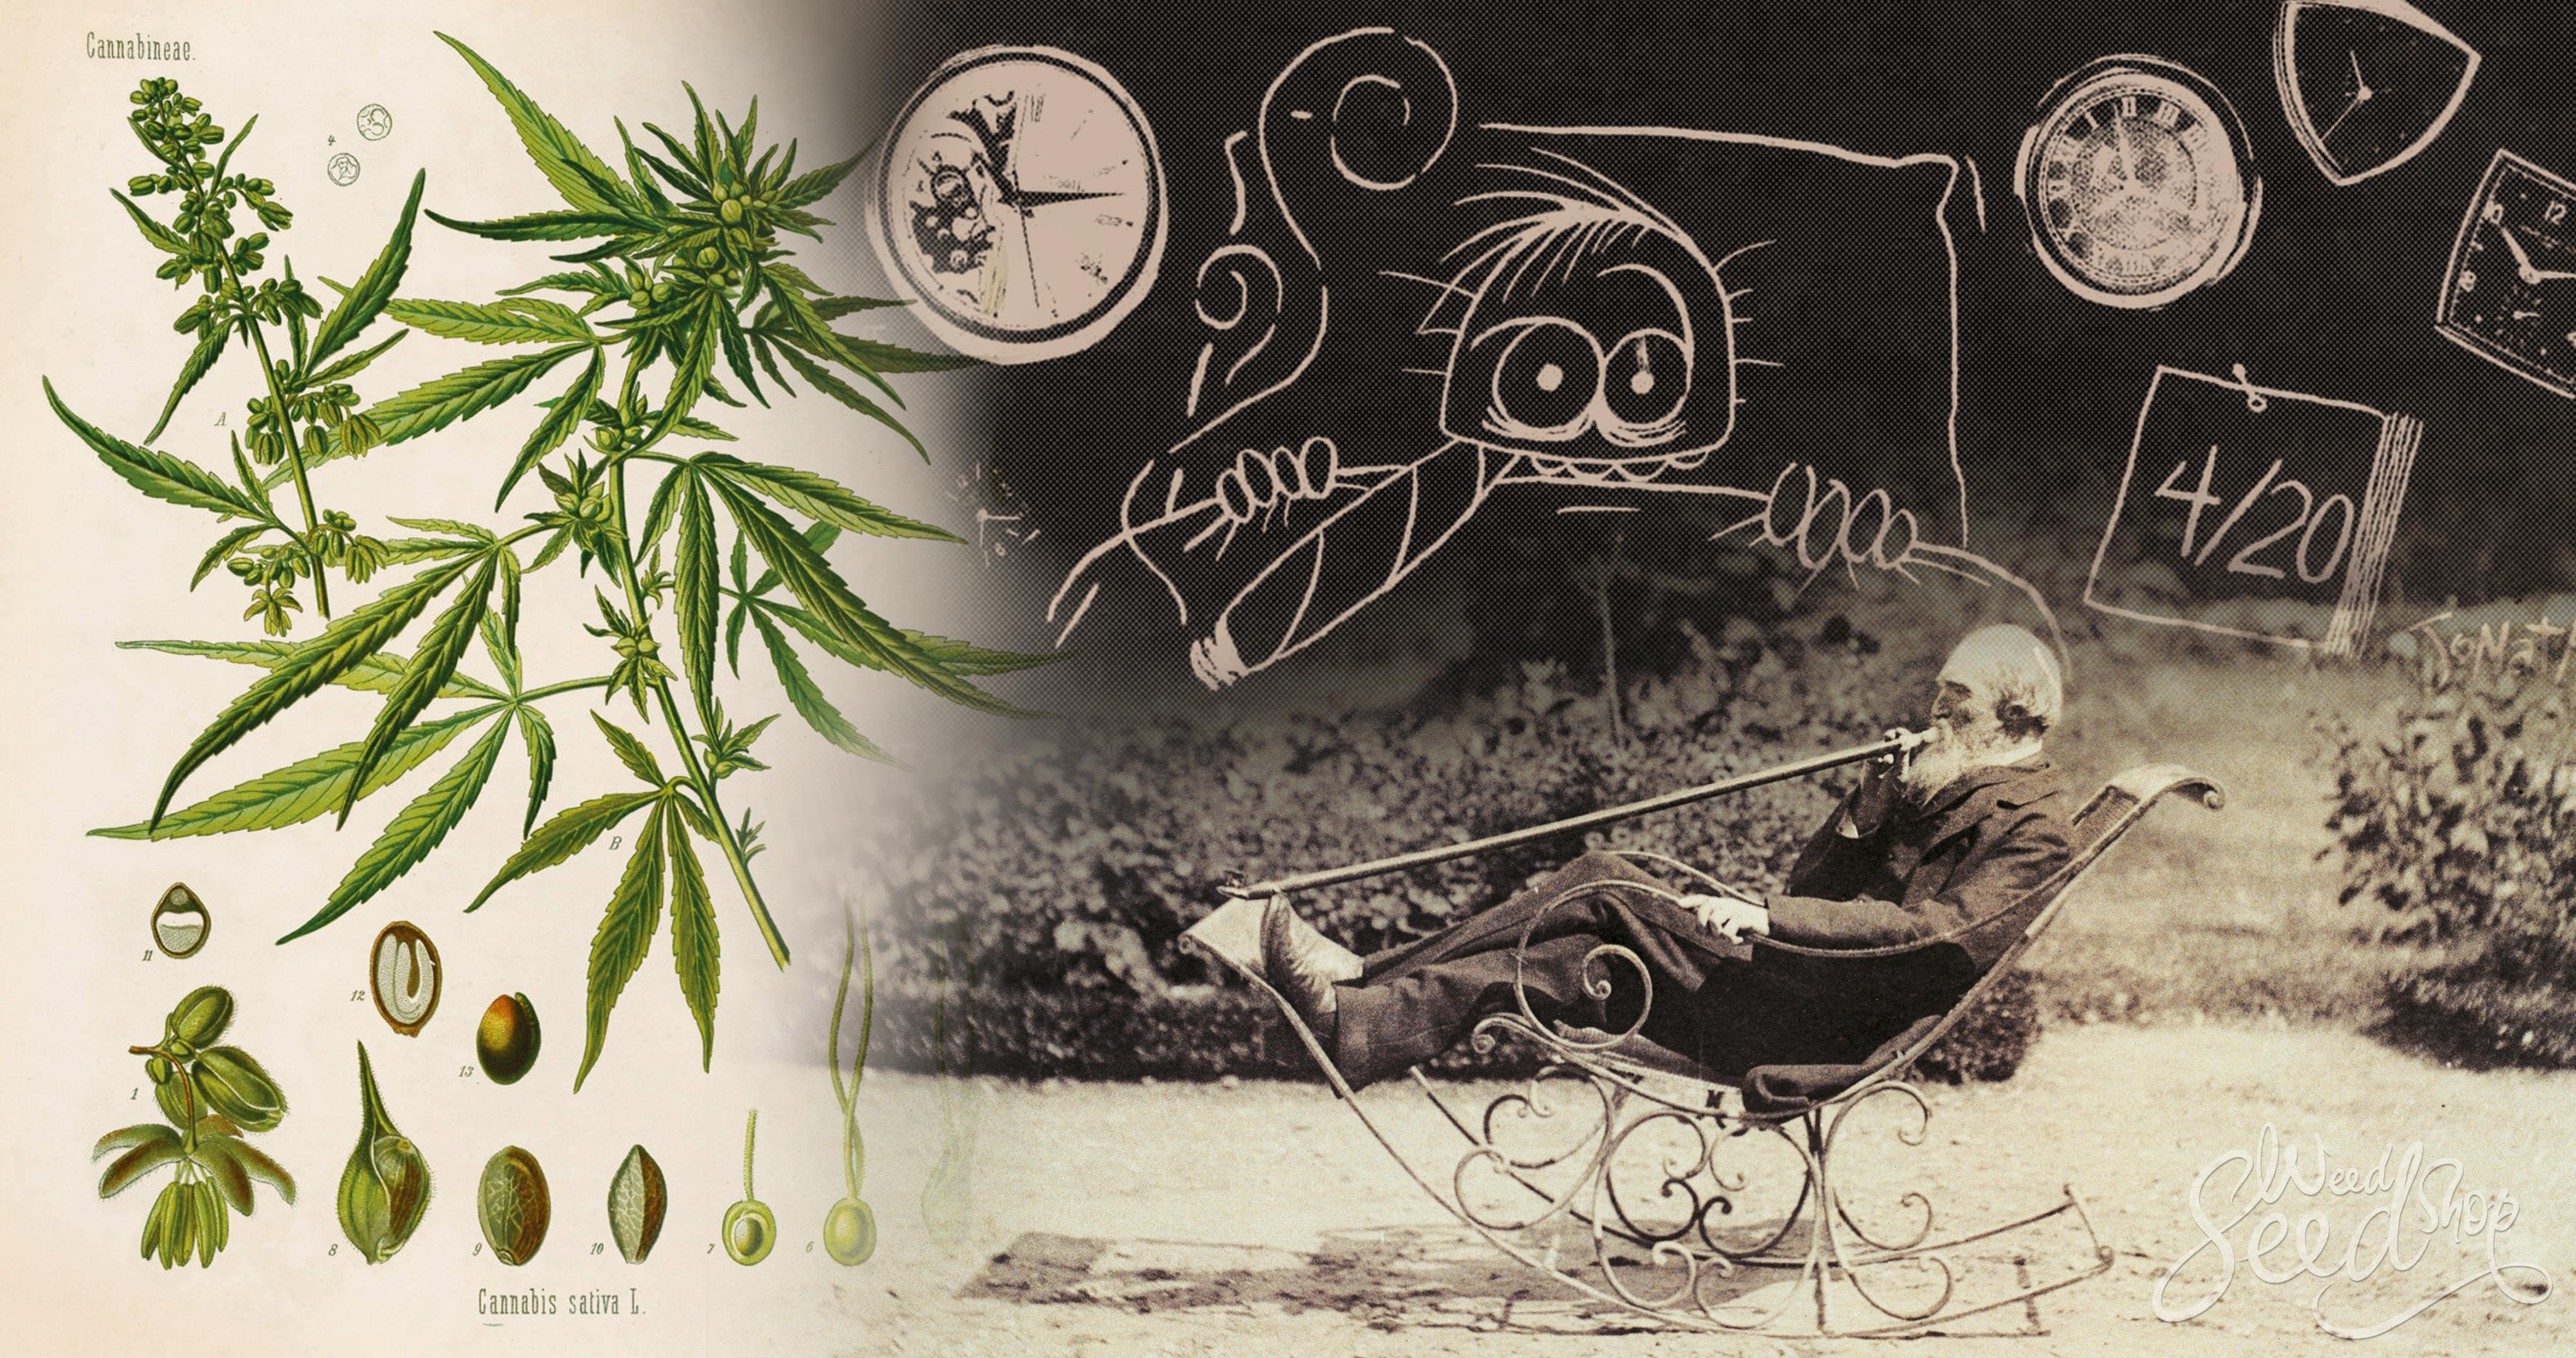 La historia del cannabis y curiosidades - WeedSeedShop